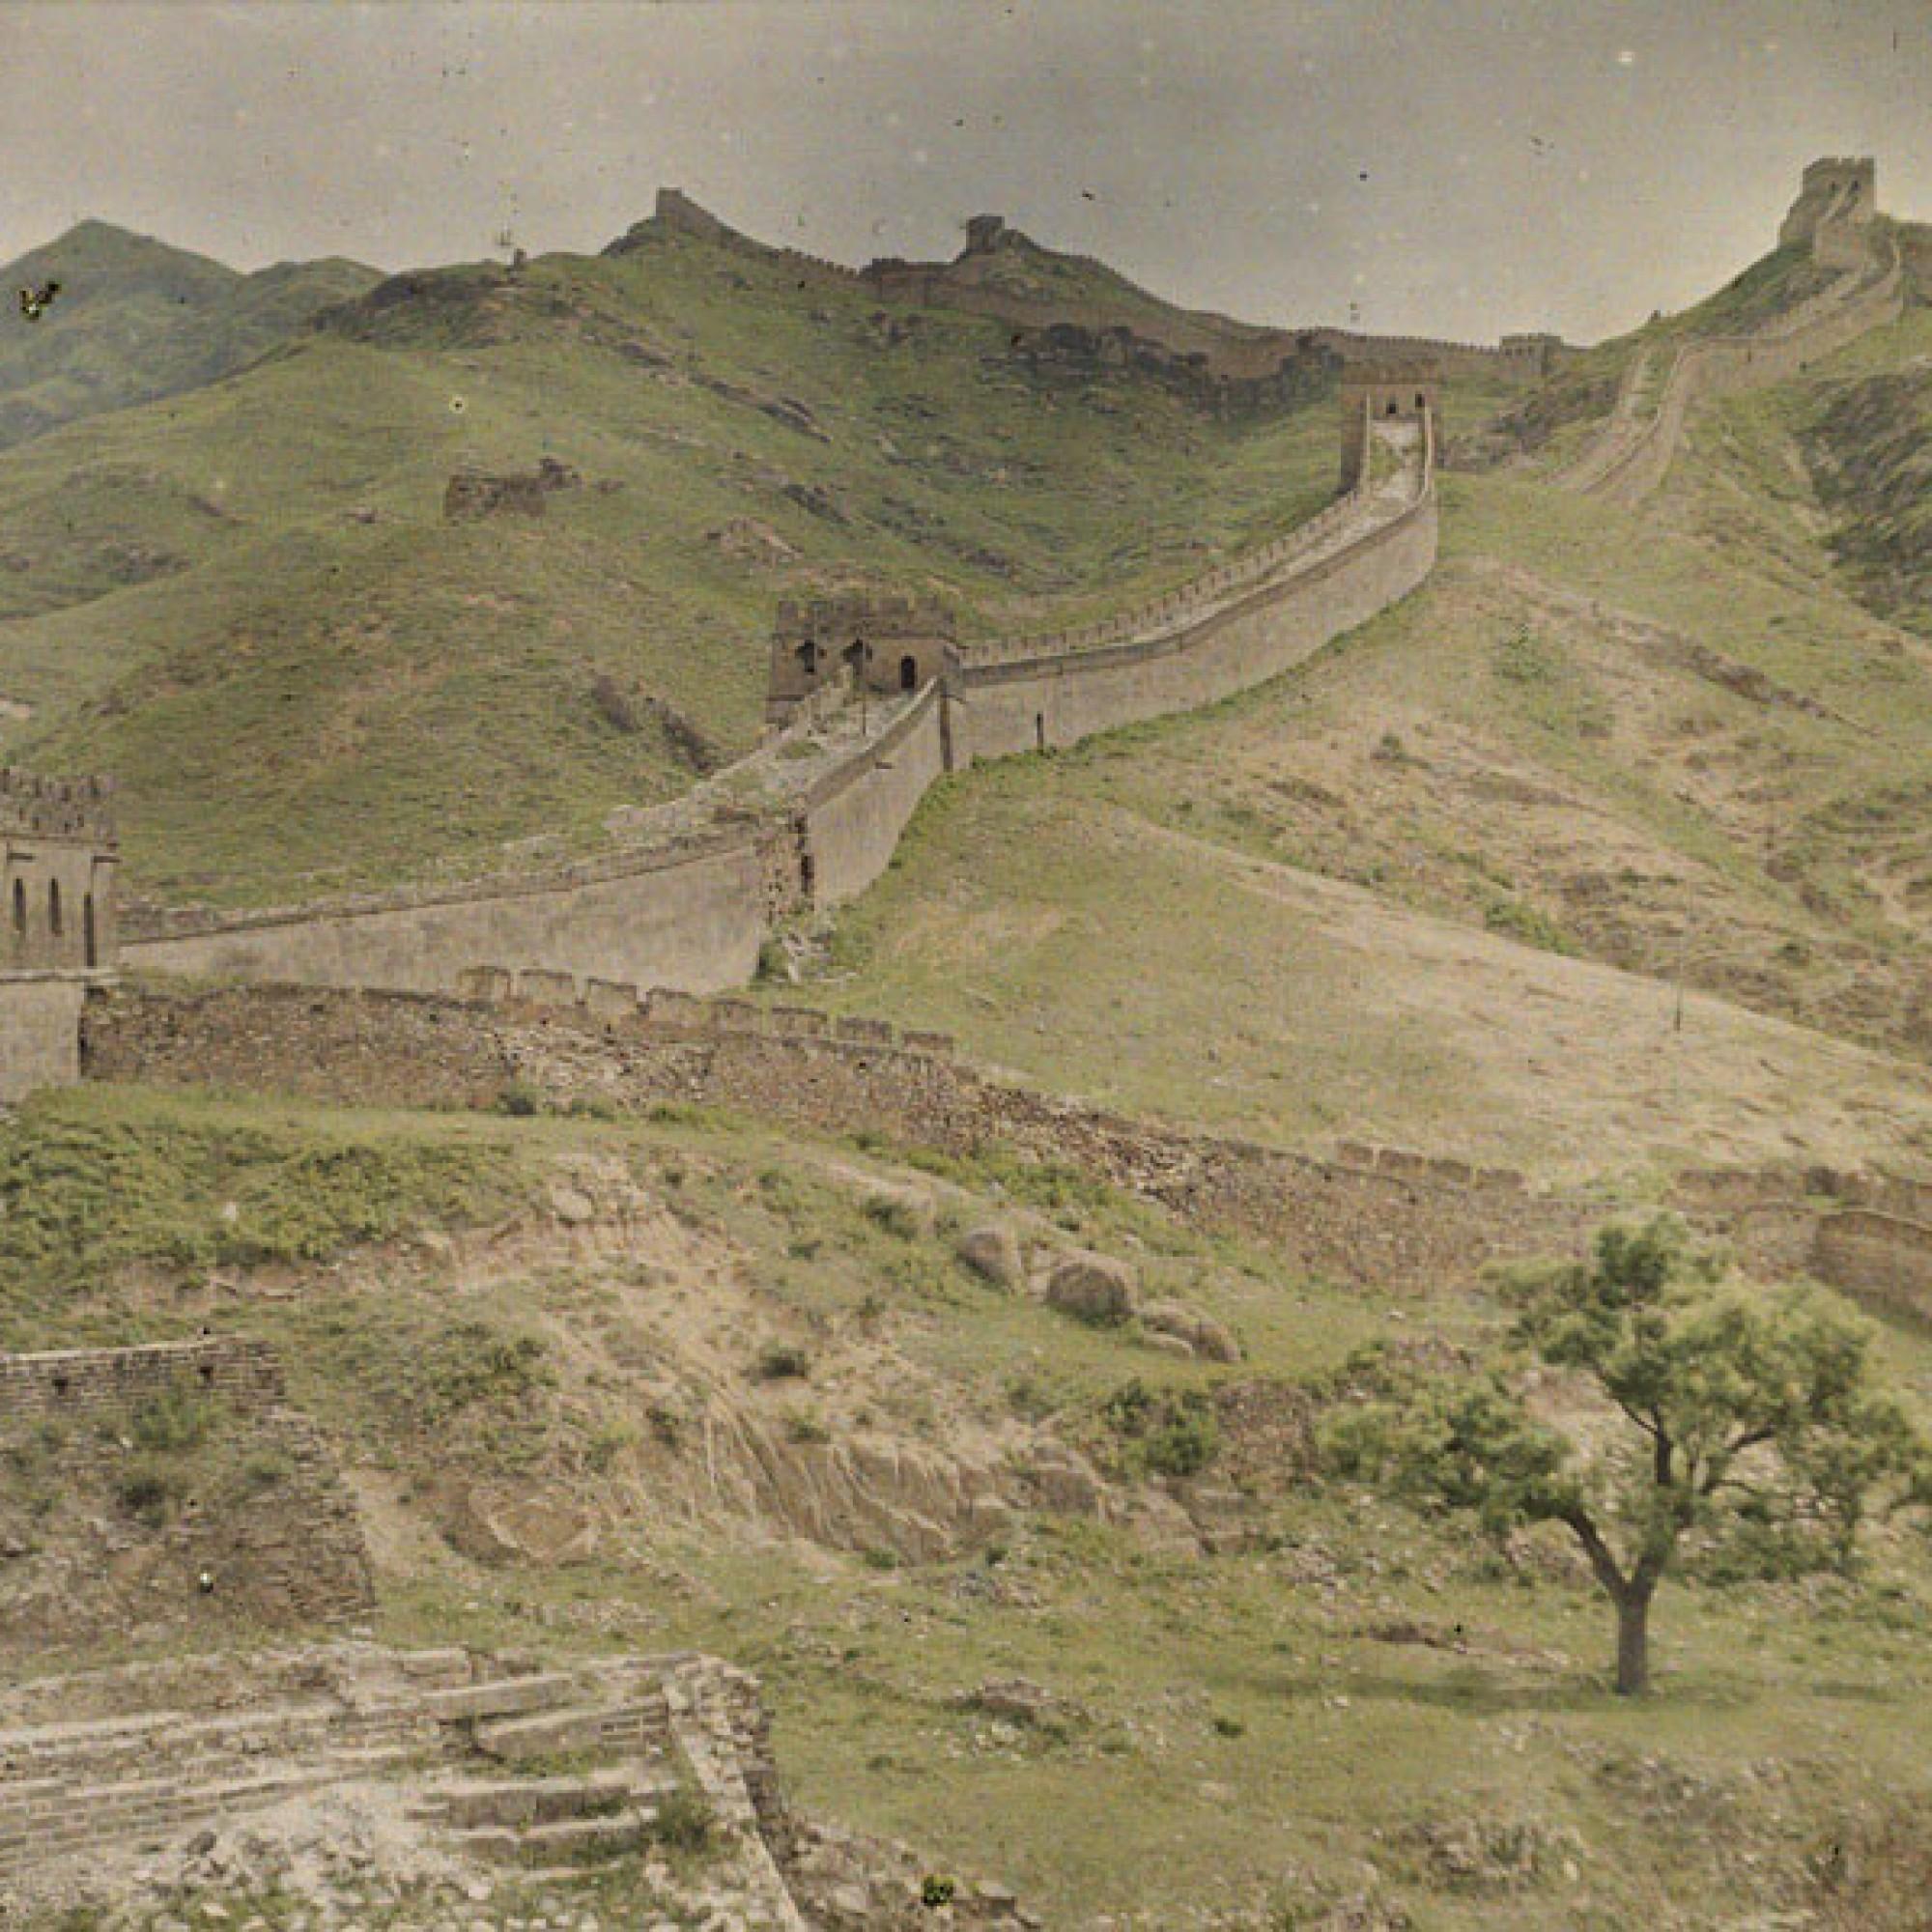 Stéphane Passet, China, Badaling, Osttor des nördlichen Teils der Grossen Mauer mit Signaltürmen, 19. Juli 1912. (Musée Albert-Kahn, Département des Hauts-de-Seine)